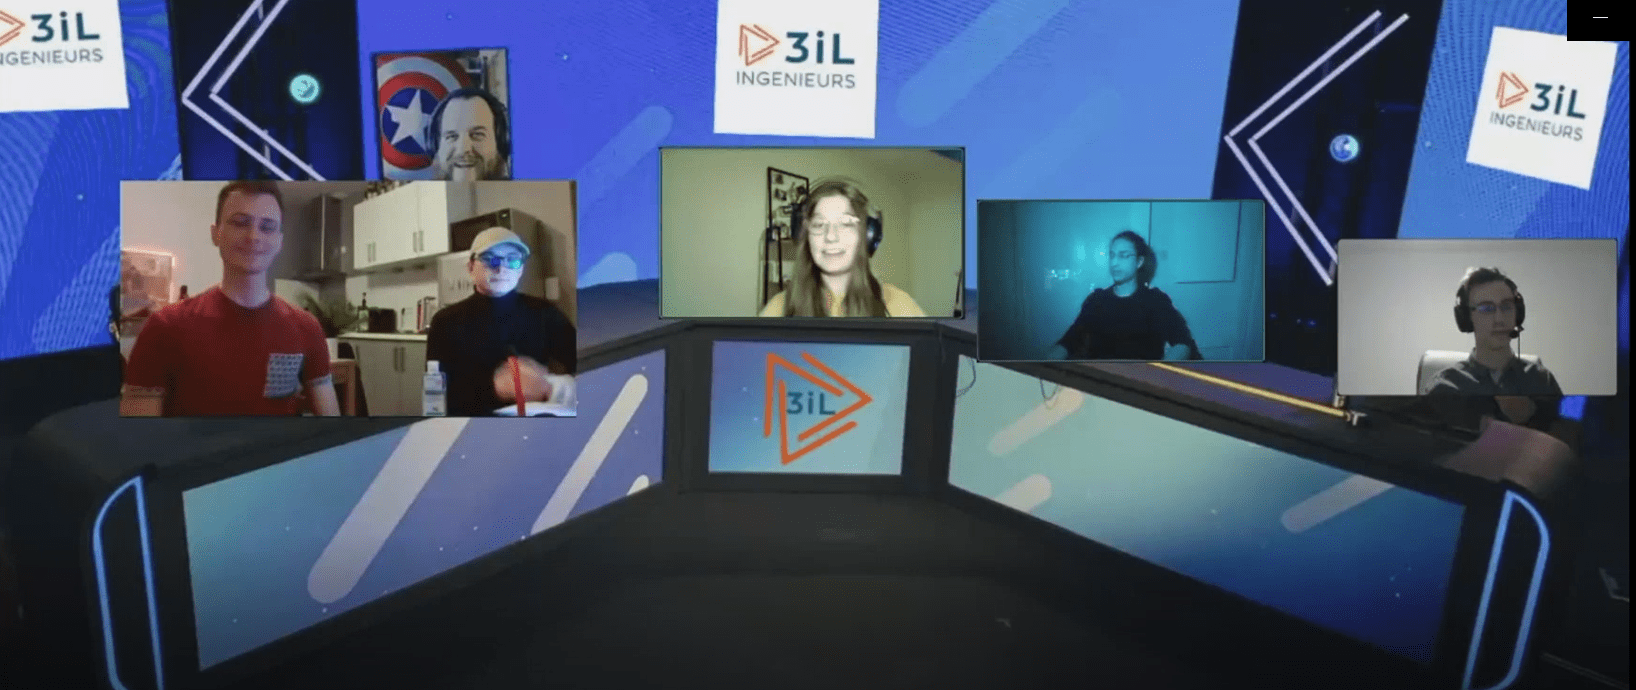 Projet étudiant : 3iL Channel ou comment garder le lien